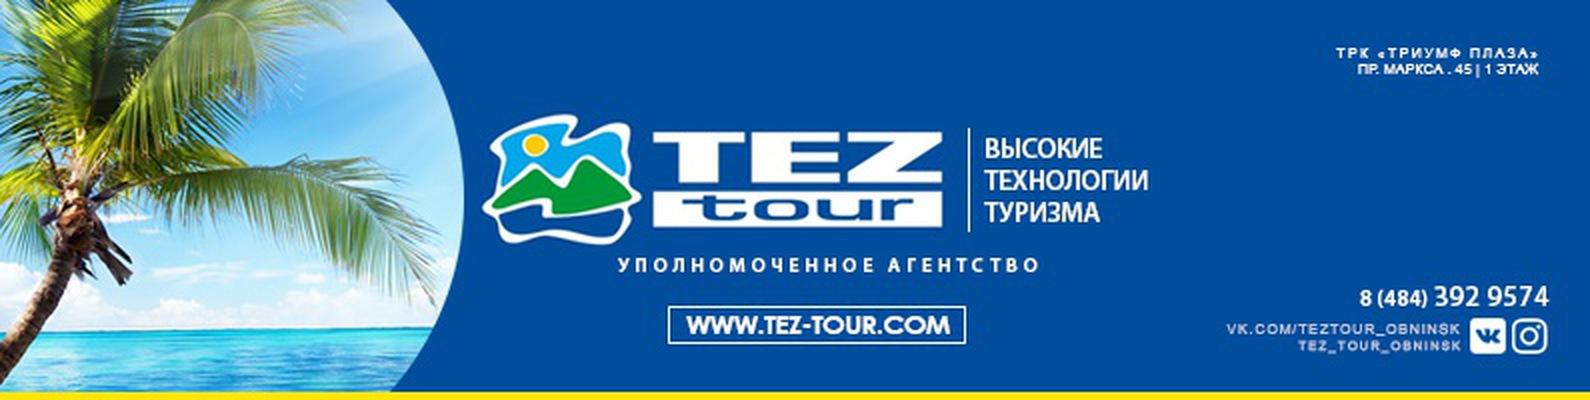 Tes тур туристическая компания официальный сайт сайт вит строительная компания